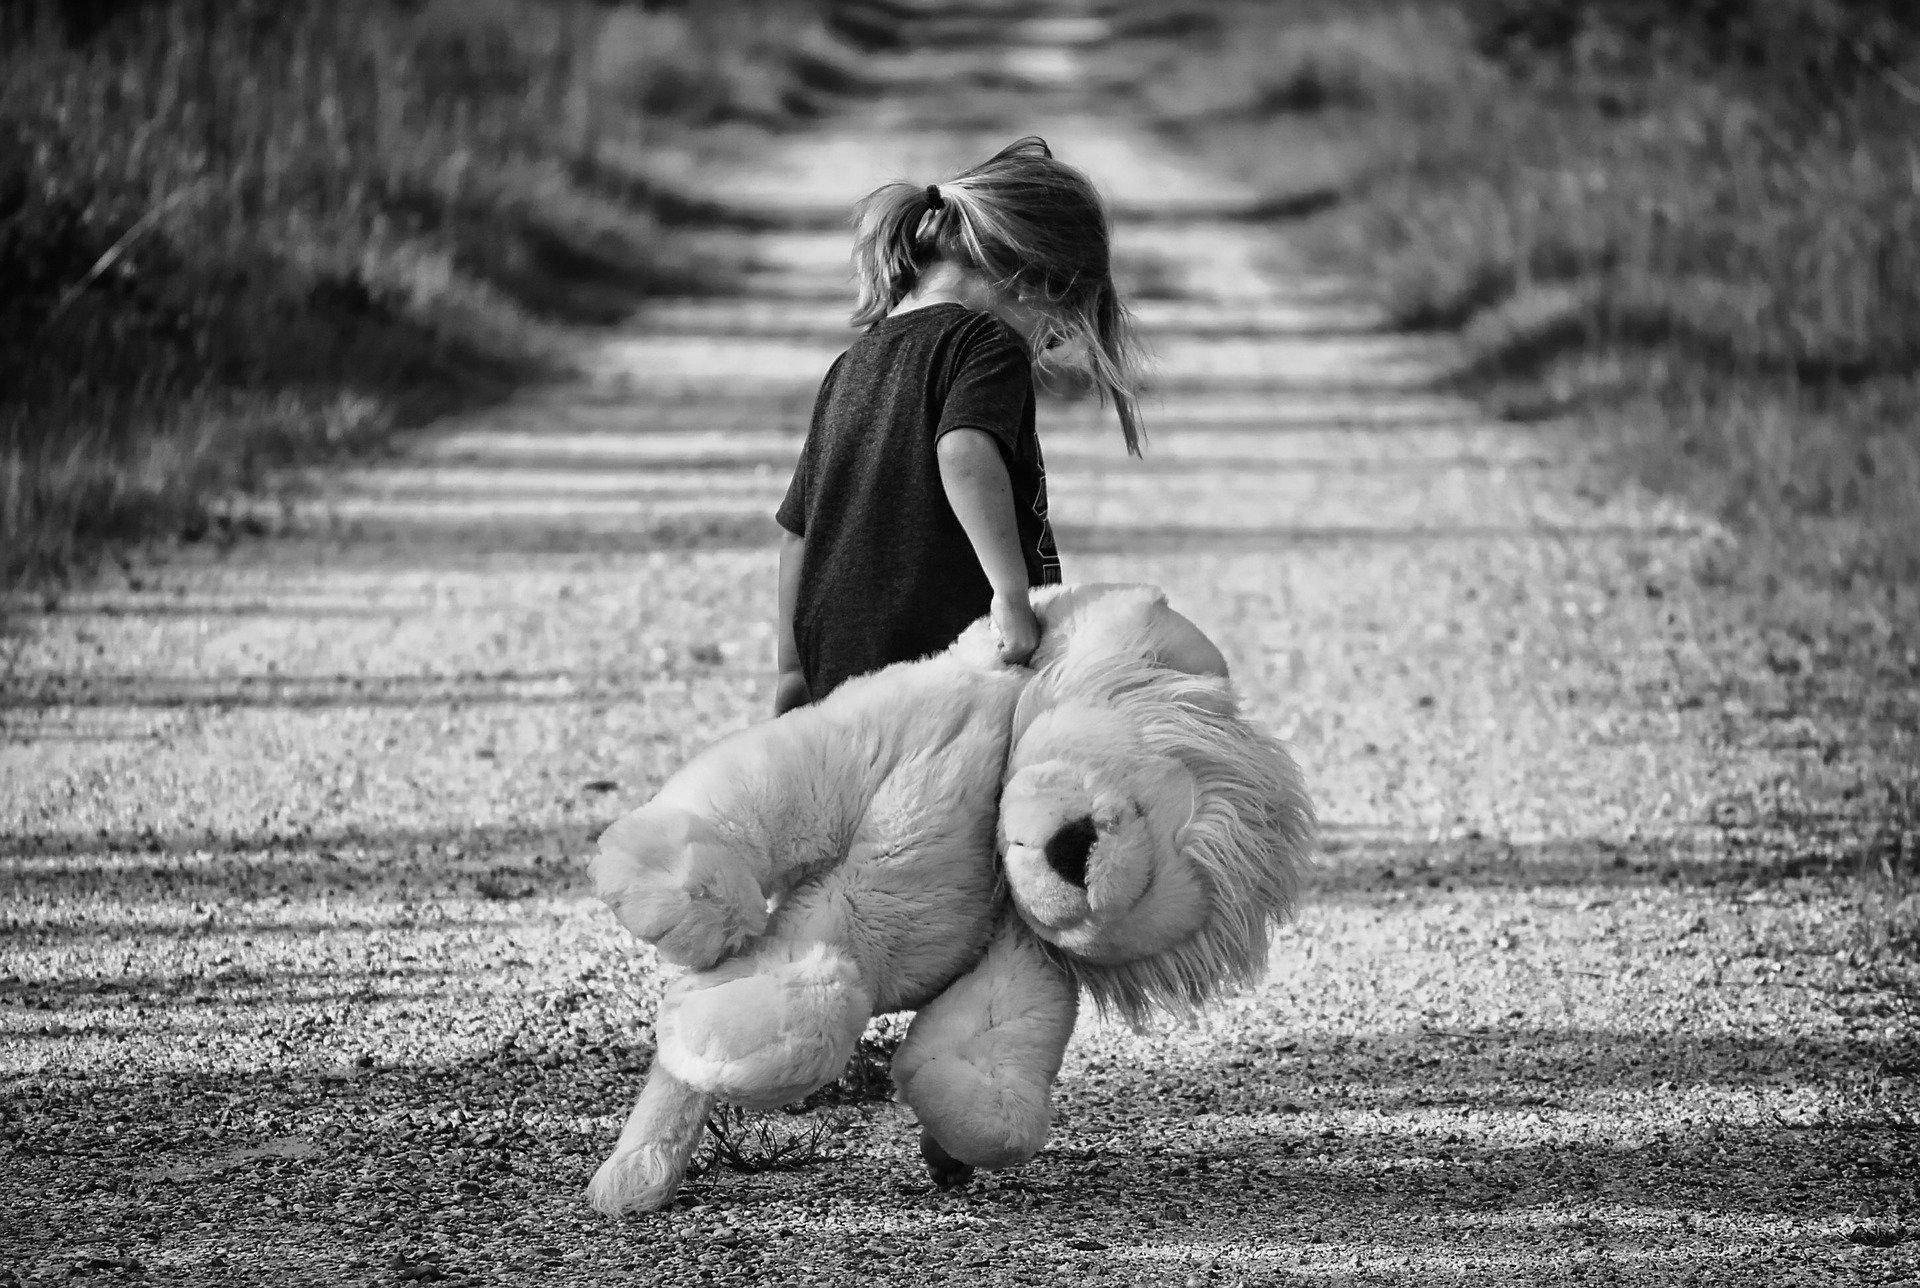 ילד הלך לאיבוד - סופי ביסק בלוג סיפורים